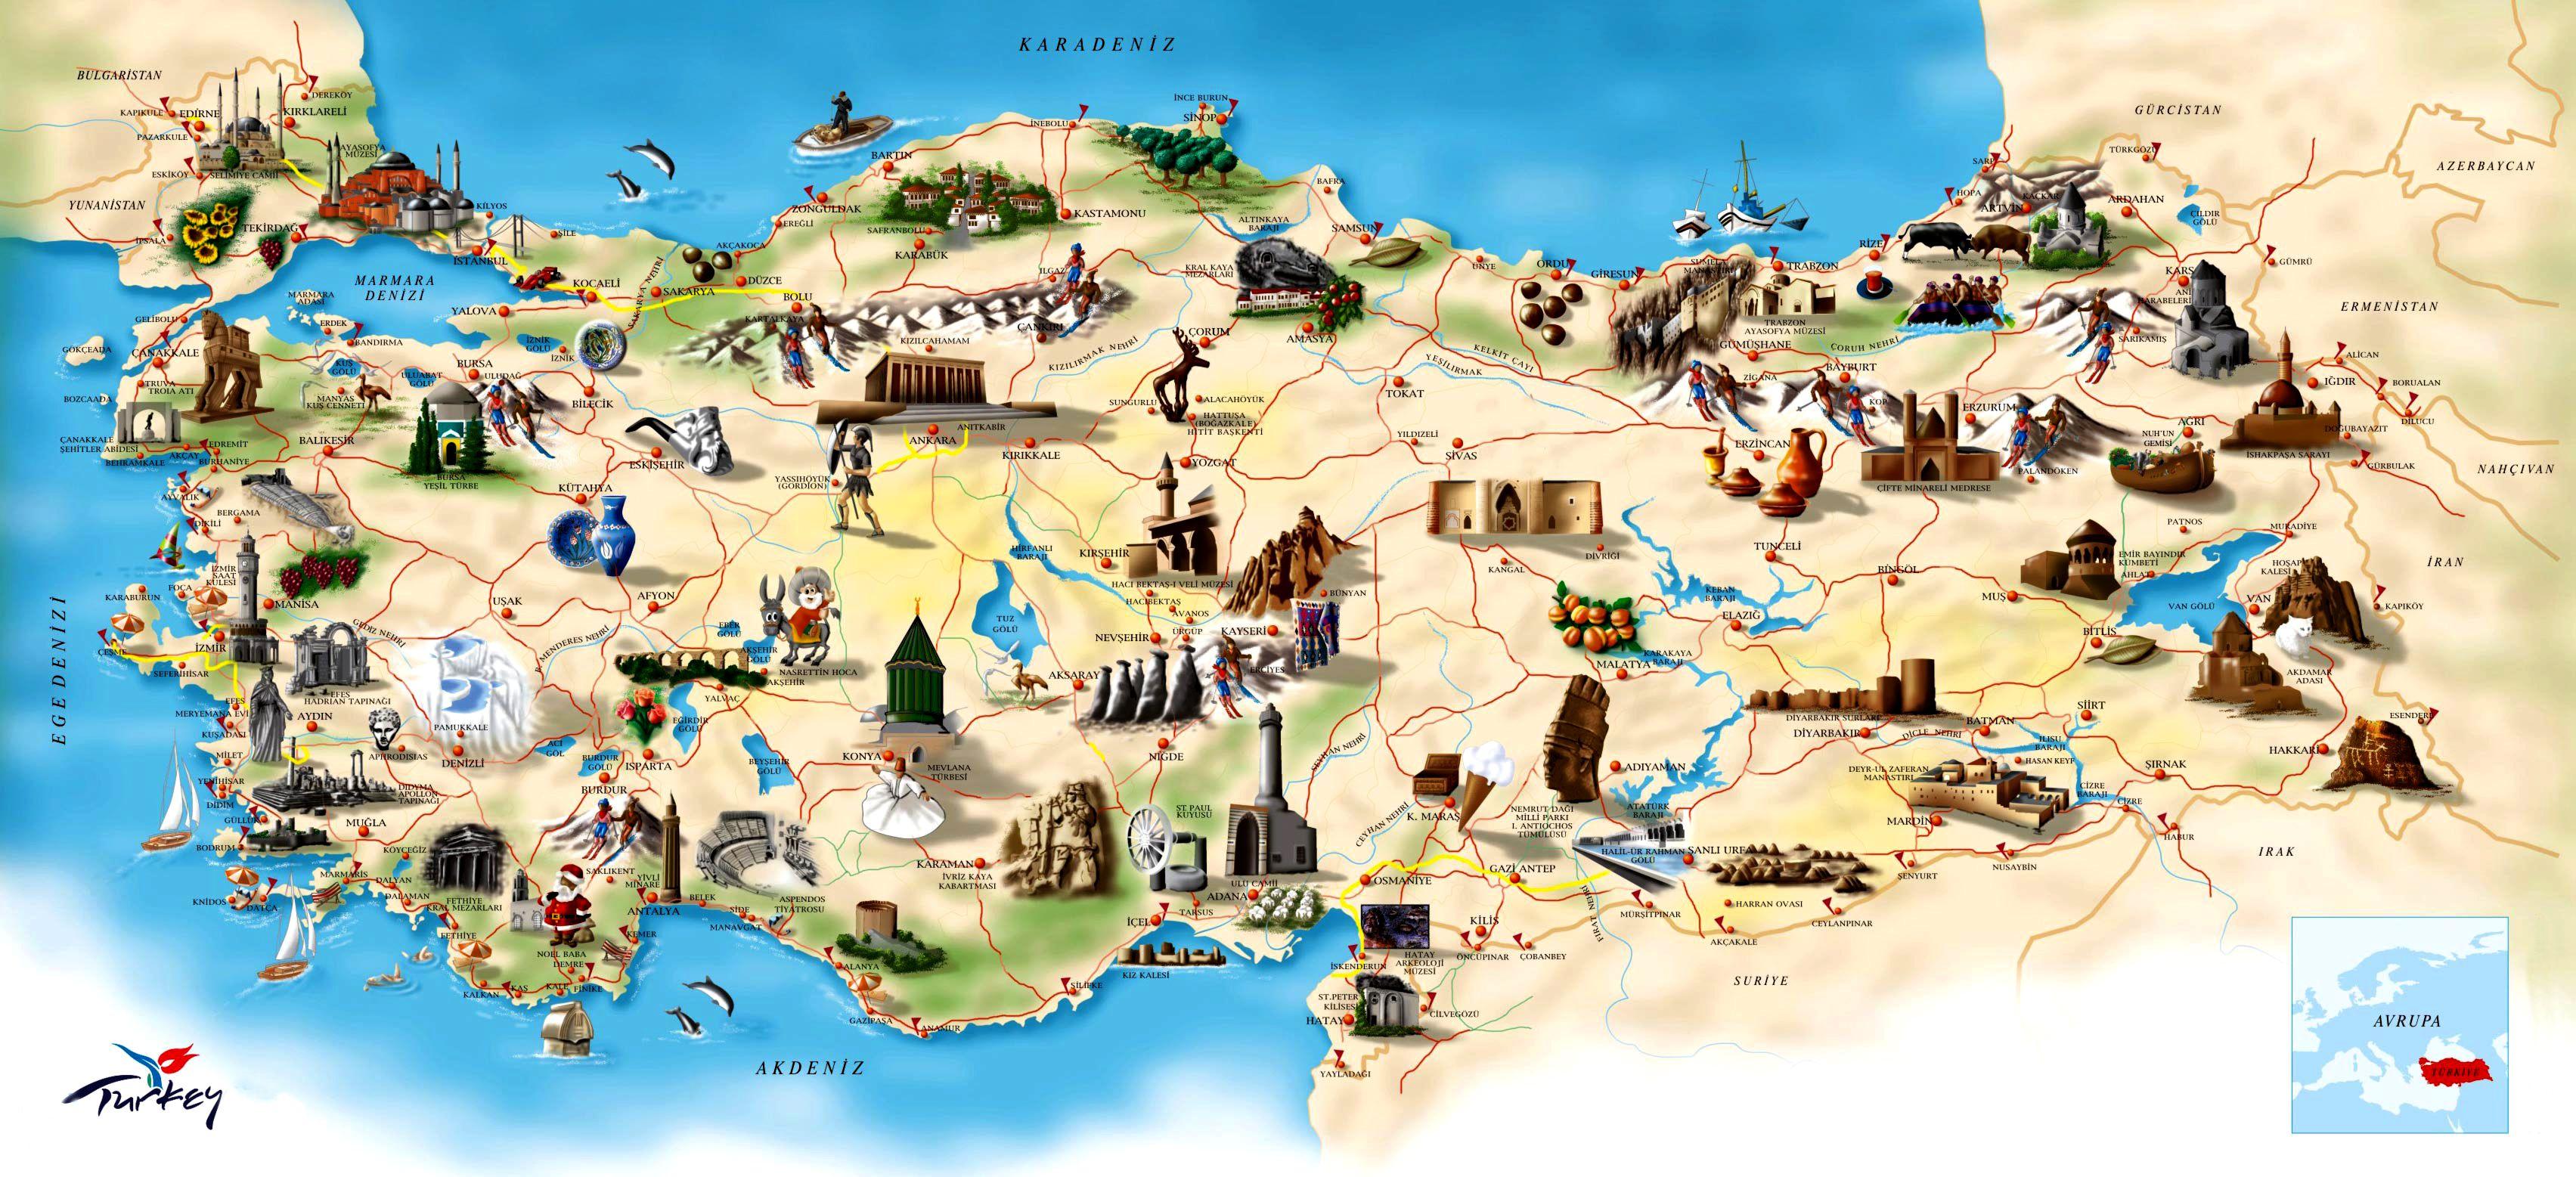 Karte Türkei Kappadokien.T ü R K I Y E Türkei Istanbul Schöne Orte Türkei Reise Türkei